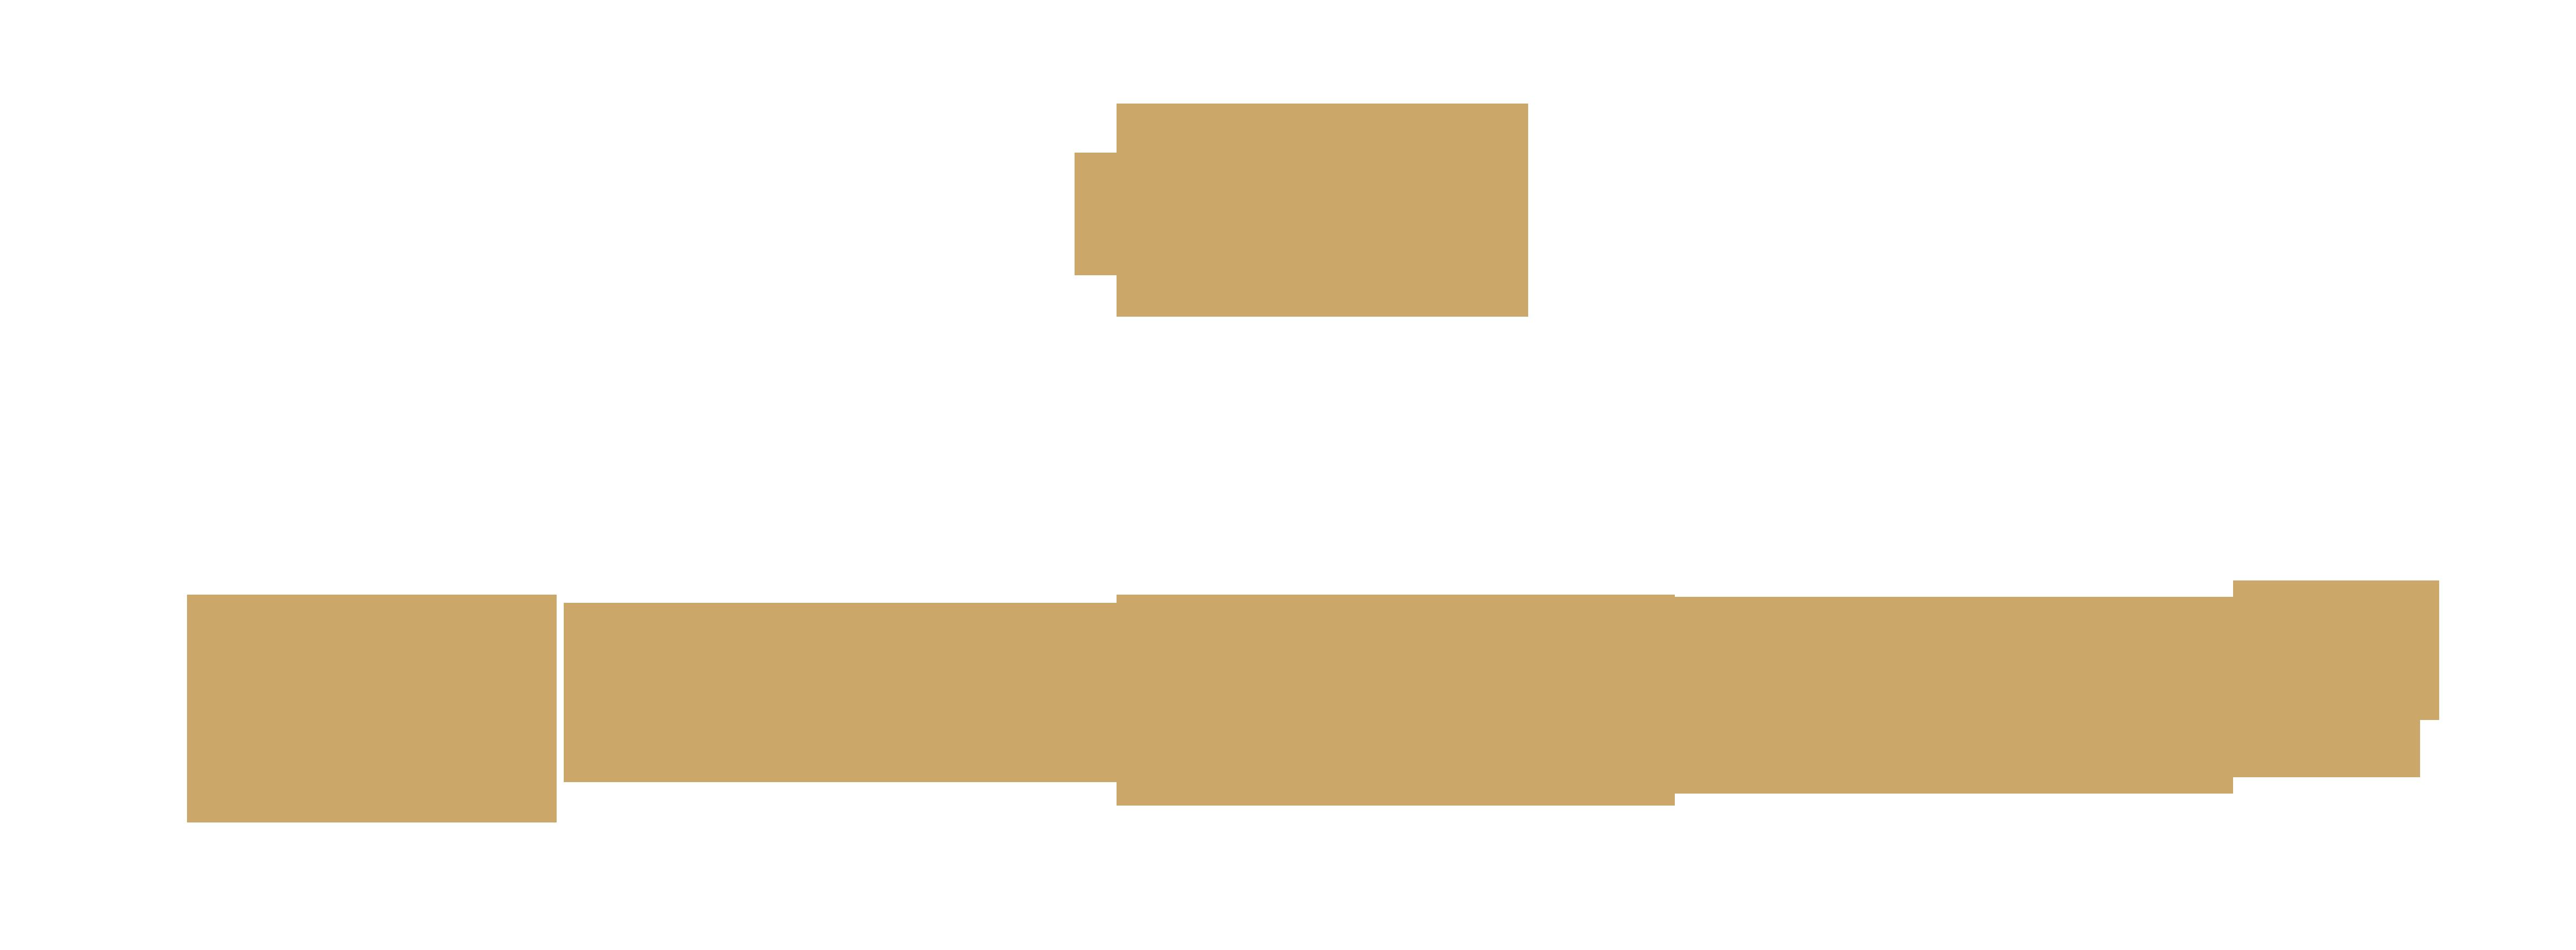 Verein Sächsischer Prunkgondeln e.V.